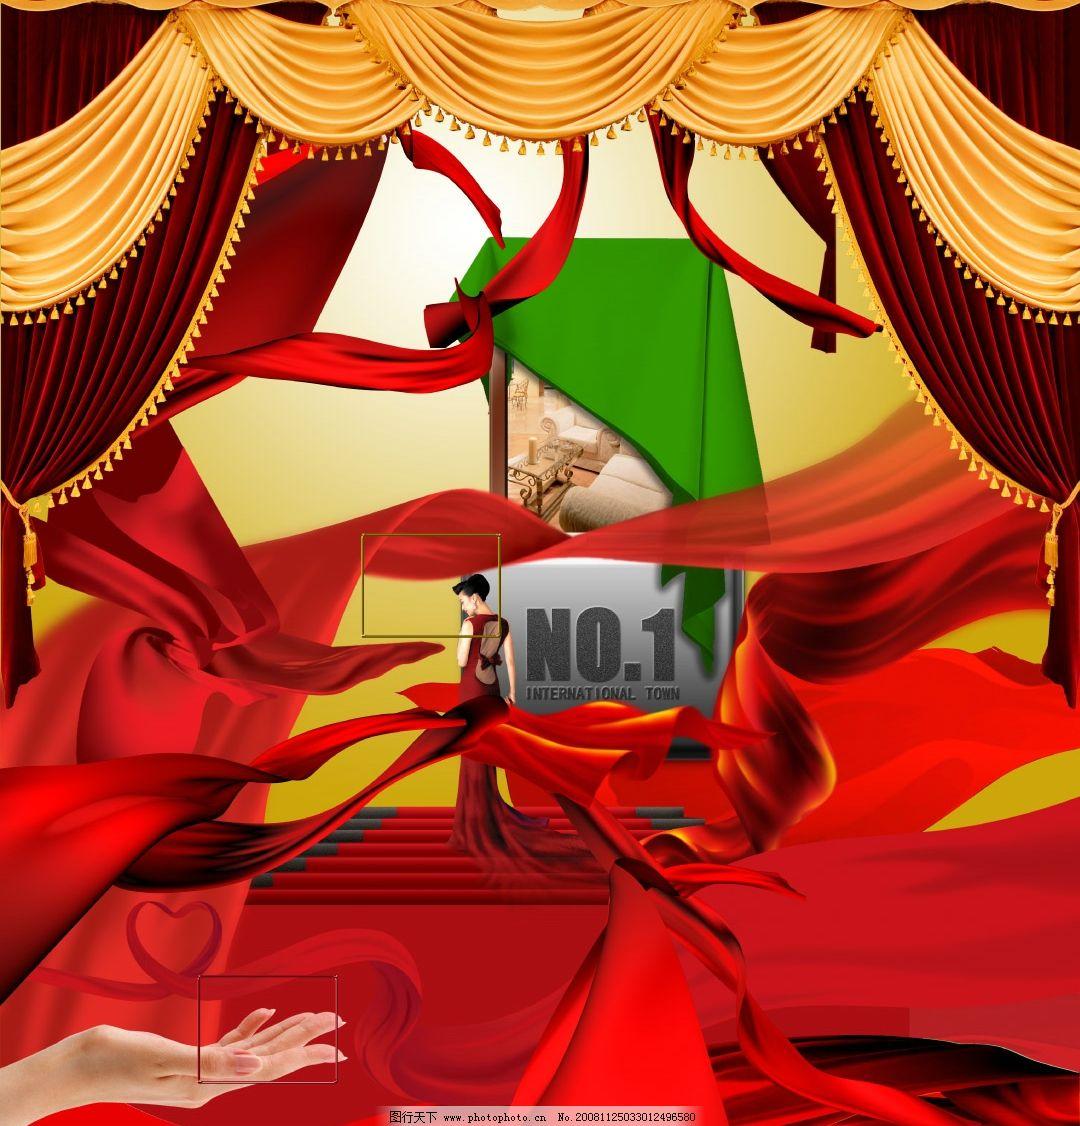 万荣一身布的艺术 万荣一身 飞舞的布 布的艺术 绸带 幕布 布纹 绸缎